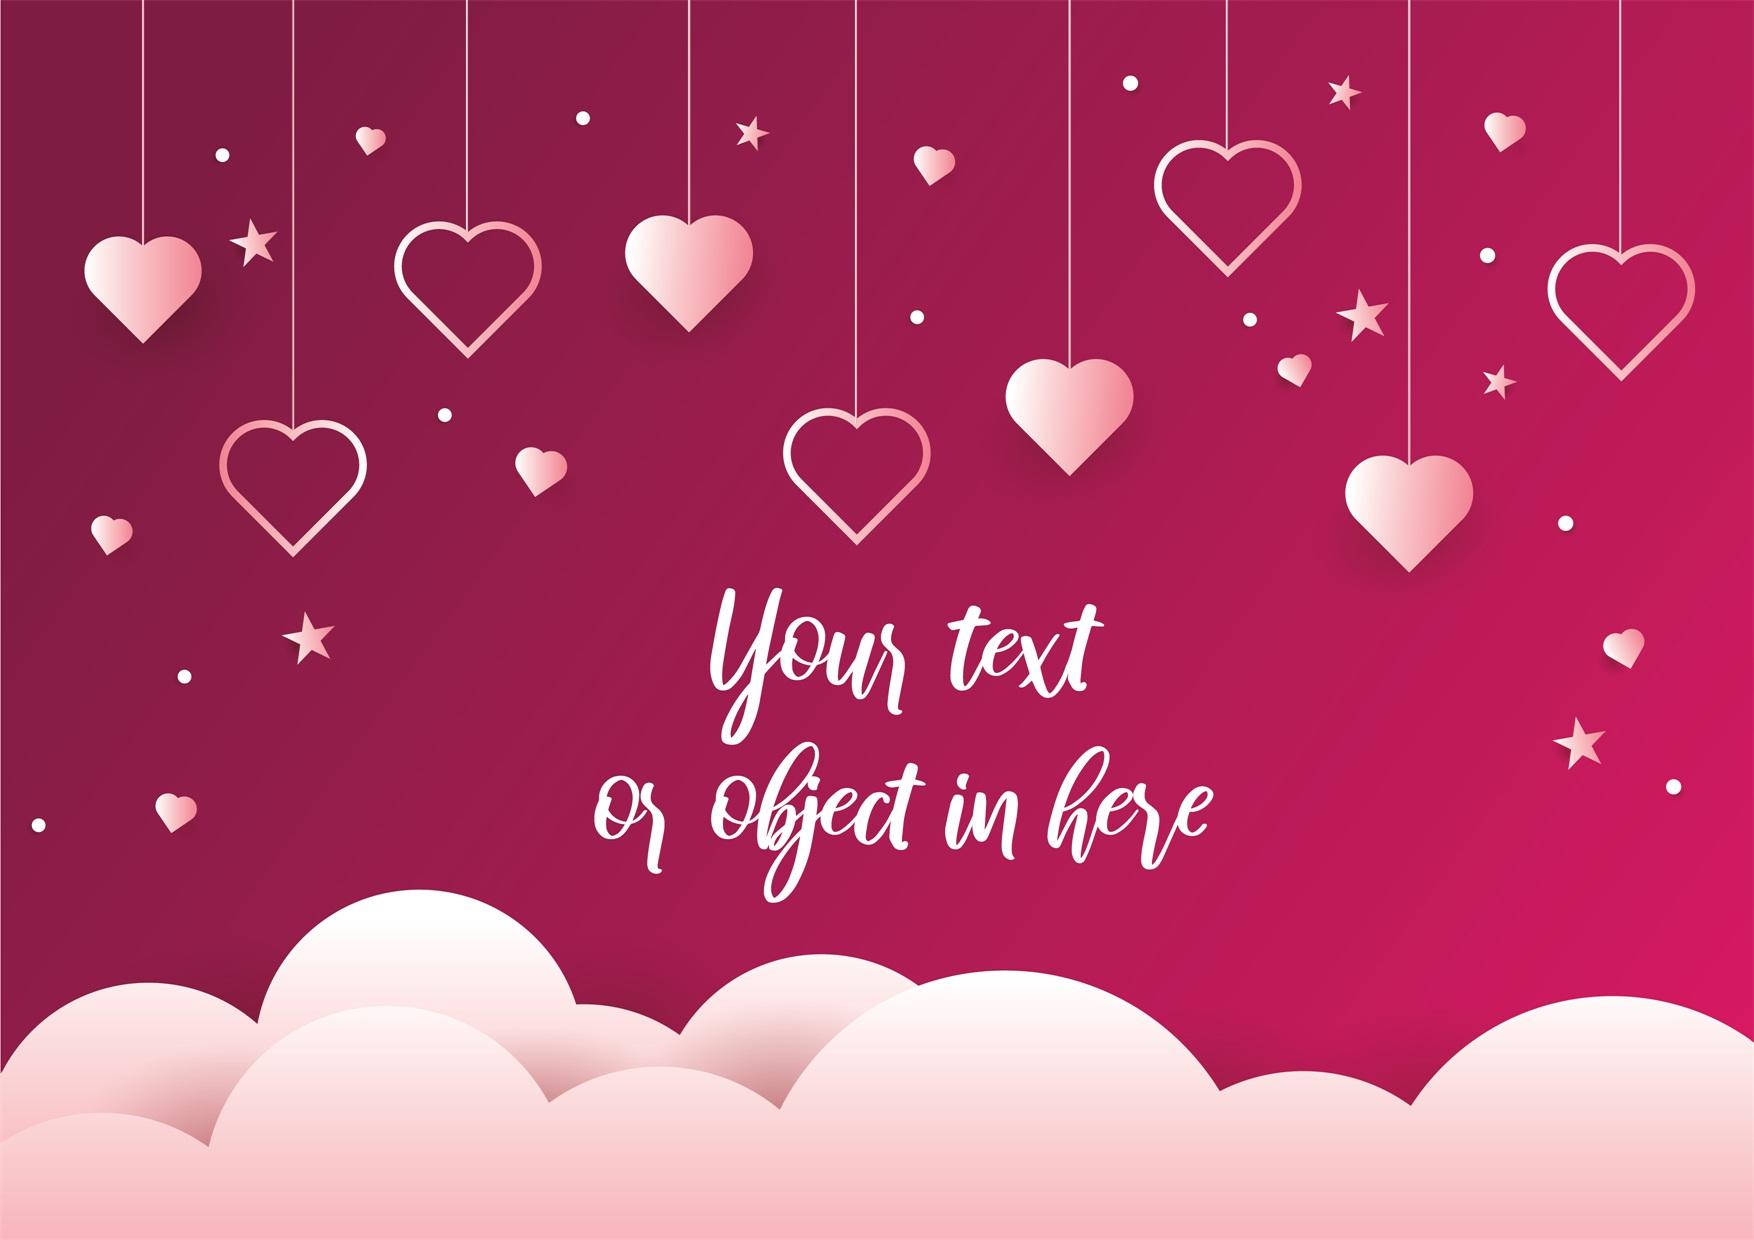 22款情人节七夕节购物促销海报传单设计AI矢量素材 Valentines day Poster Vector Material插图13